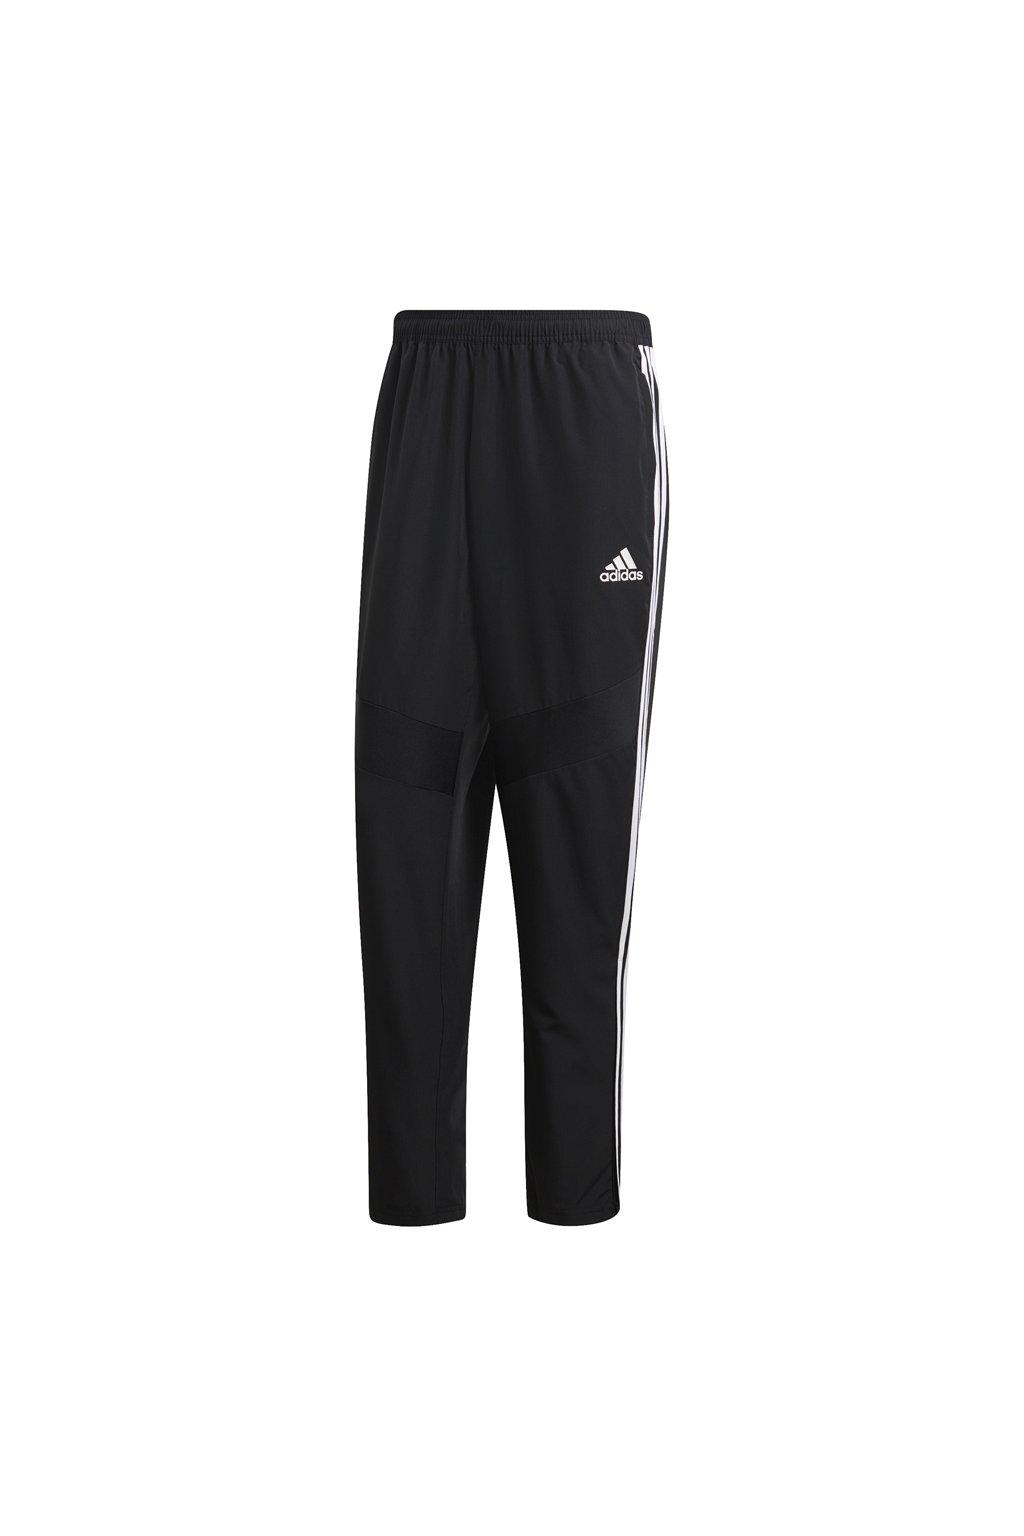 Pánske športové nohavice Adidas Tiro 19, čierne D95951